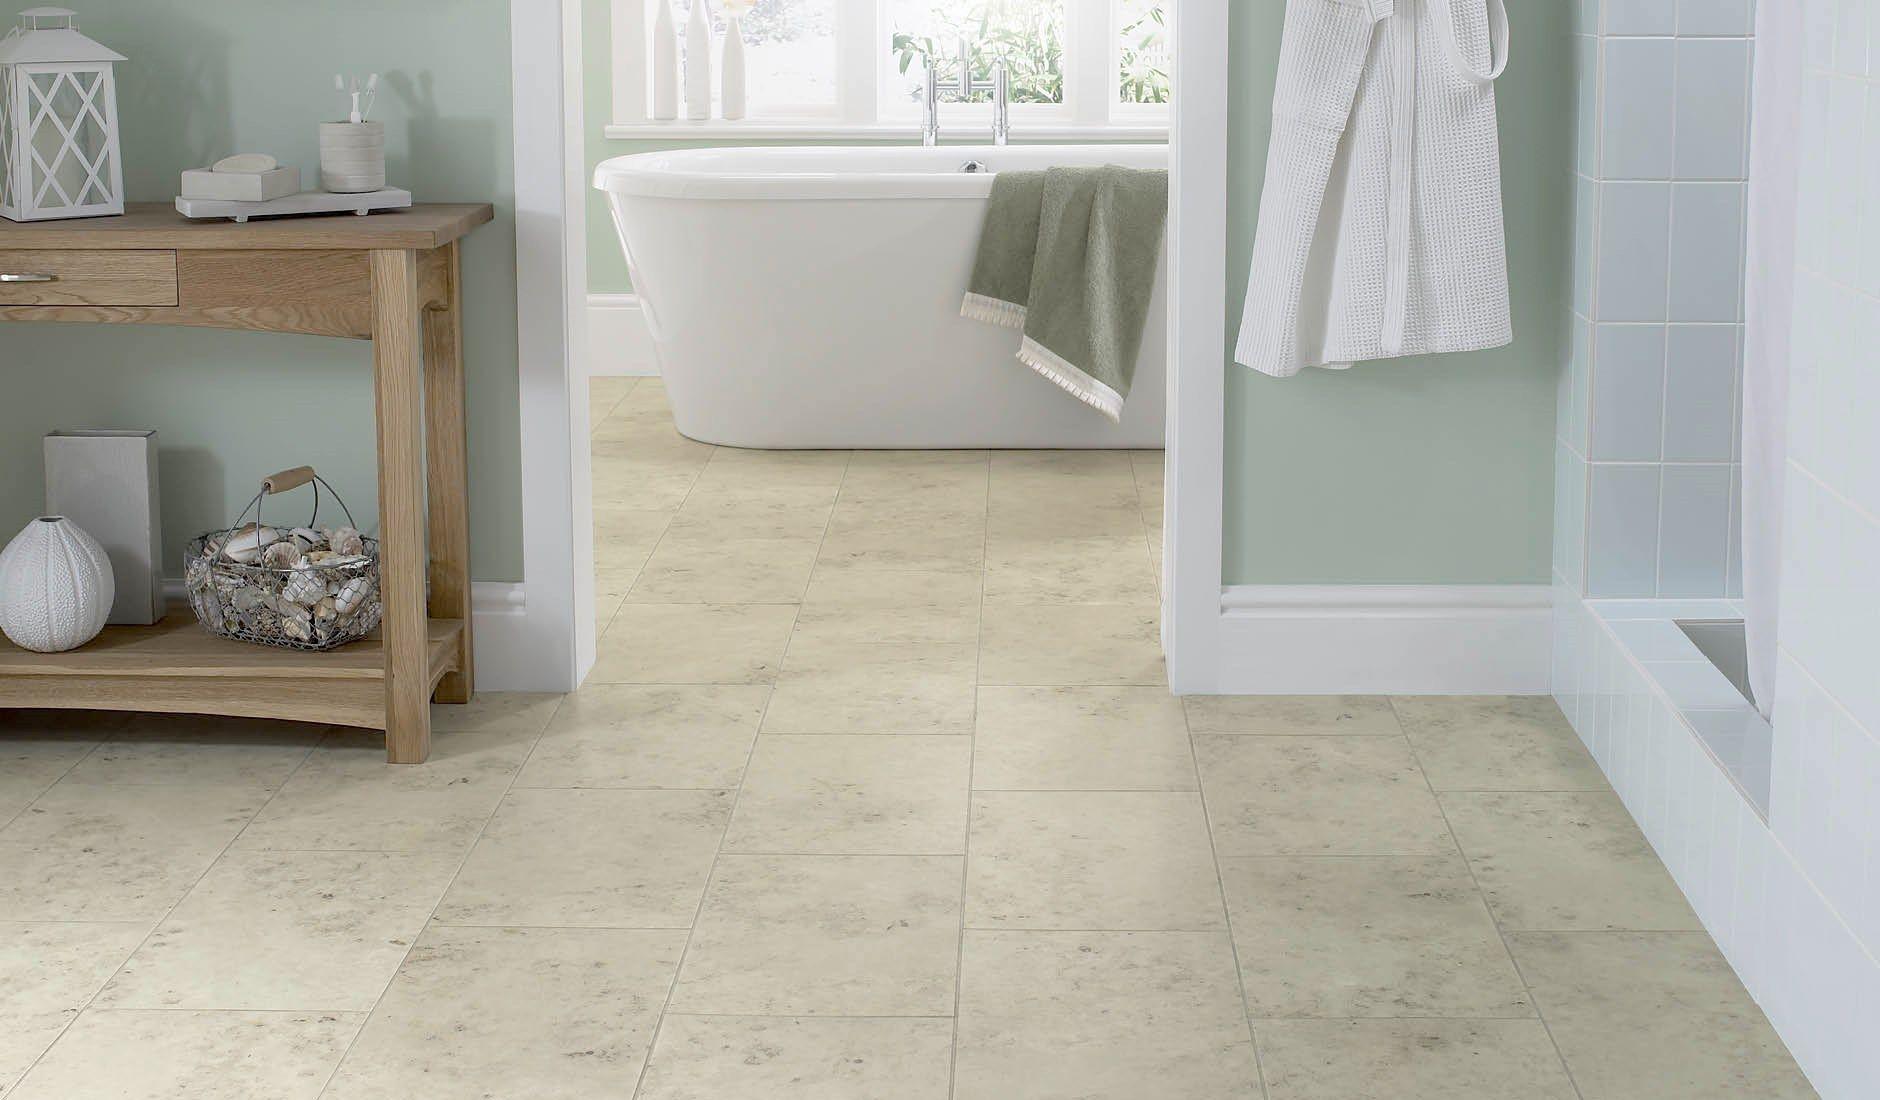 Stone Floor Tiles Jura Grey In A Bathroom Jpg 1880 1100 Bodenbelag Fur Badezimmer Badezimmerboden Steinboden